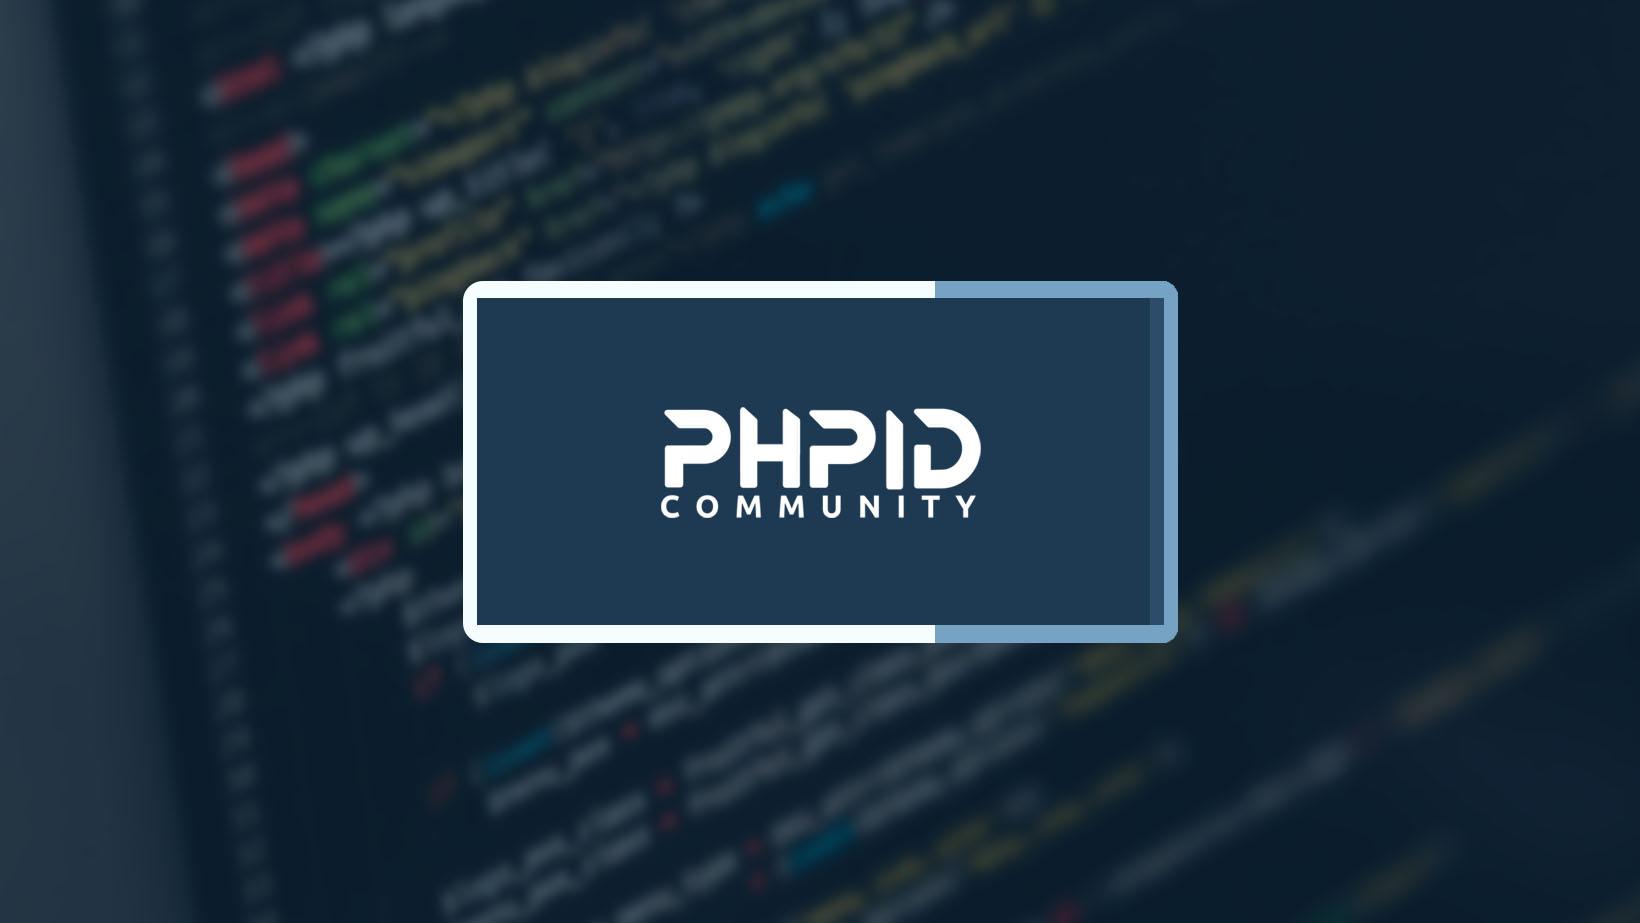 Perjalanan Komunitas IT Terbesar & Teraktif di Indonesia | PHPID